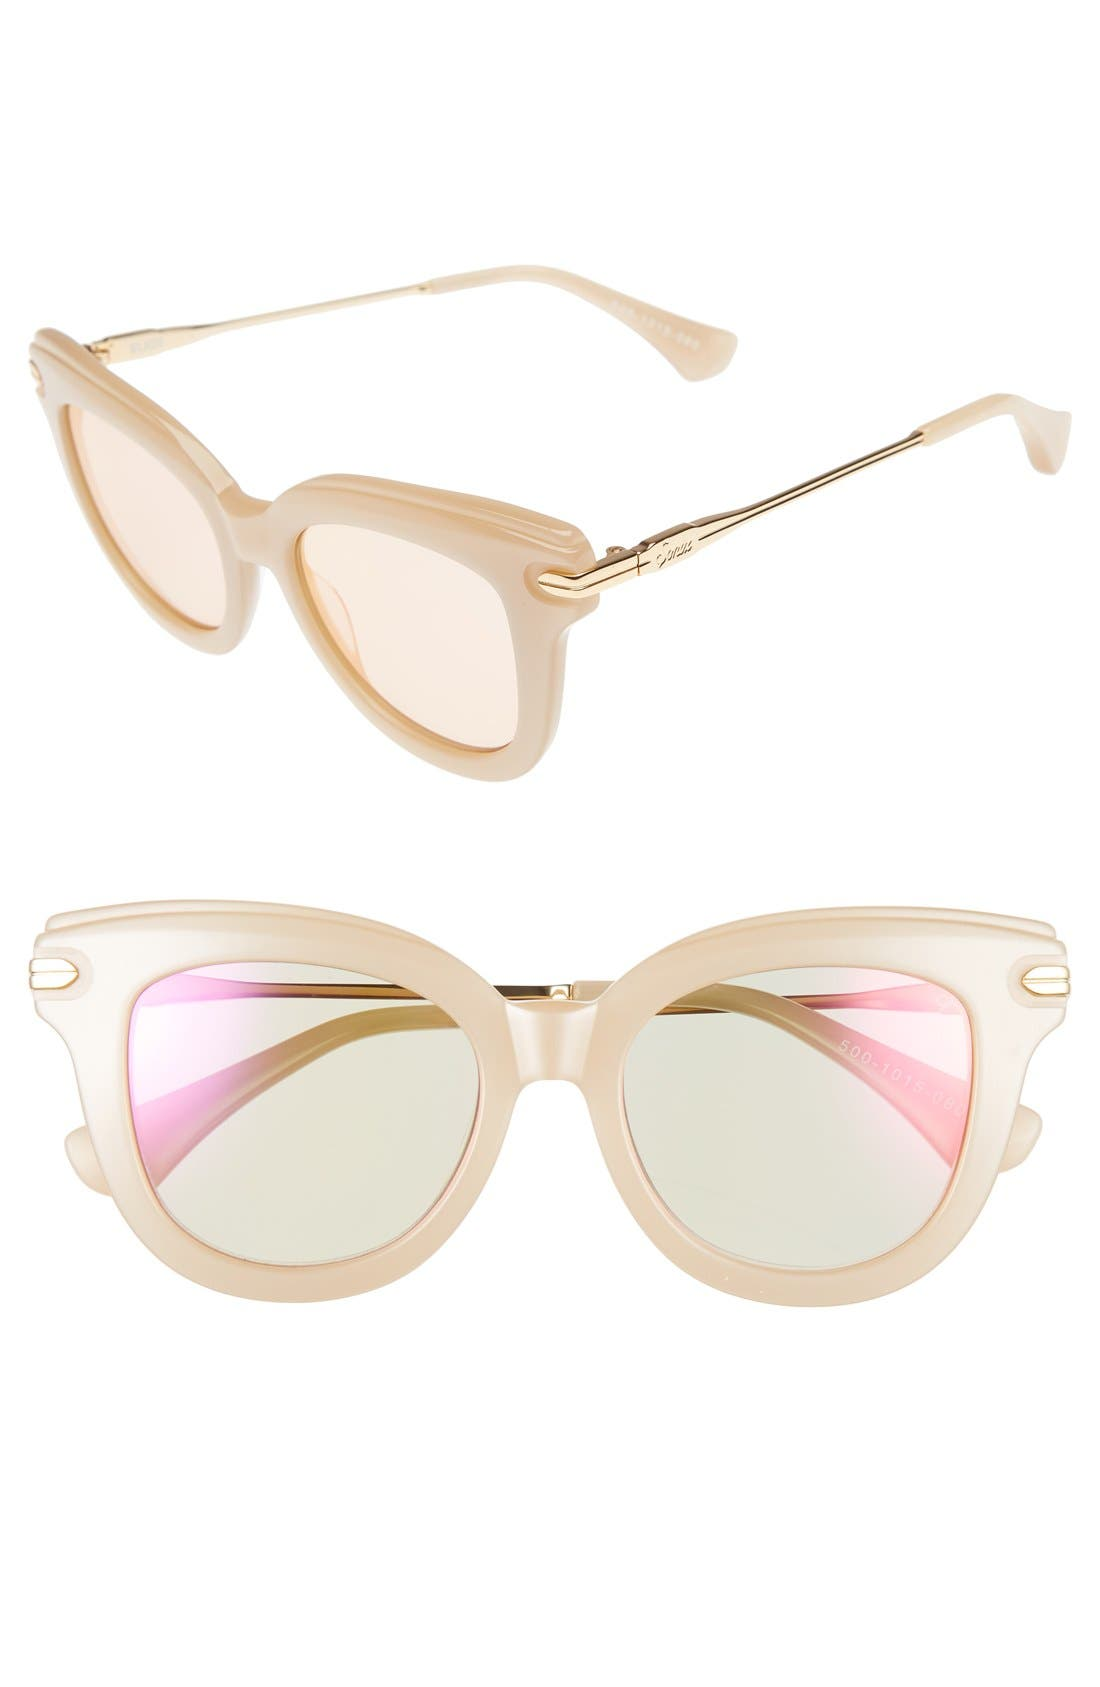 Elliot 48mm Cat Eye Gradient Sunglasses,                         Main,                         color, Translucent Mirror/ Nude